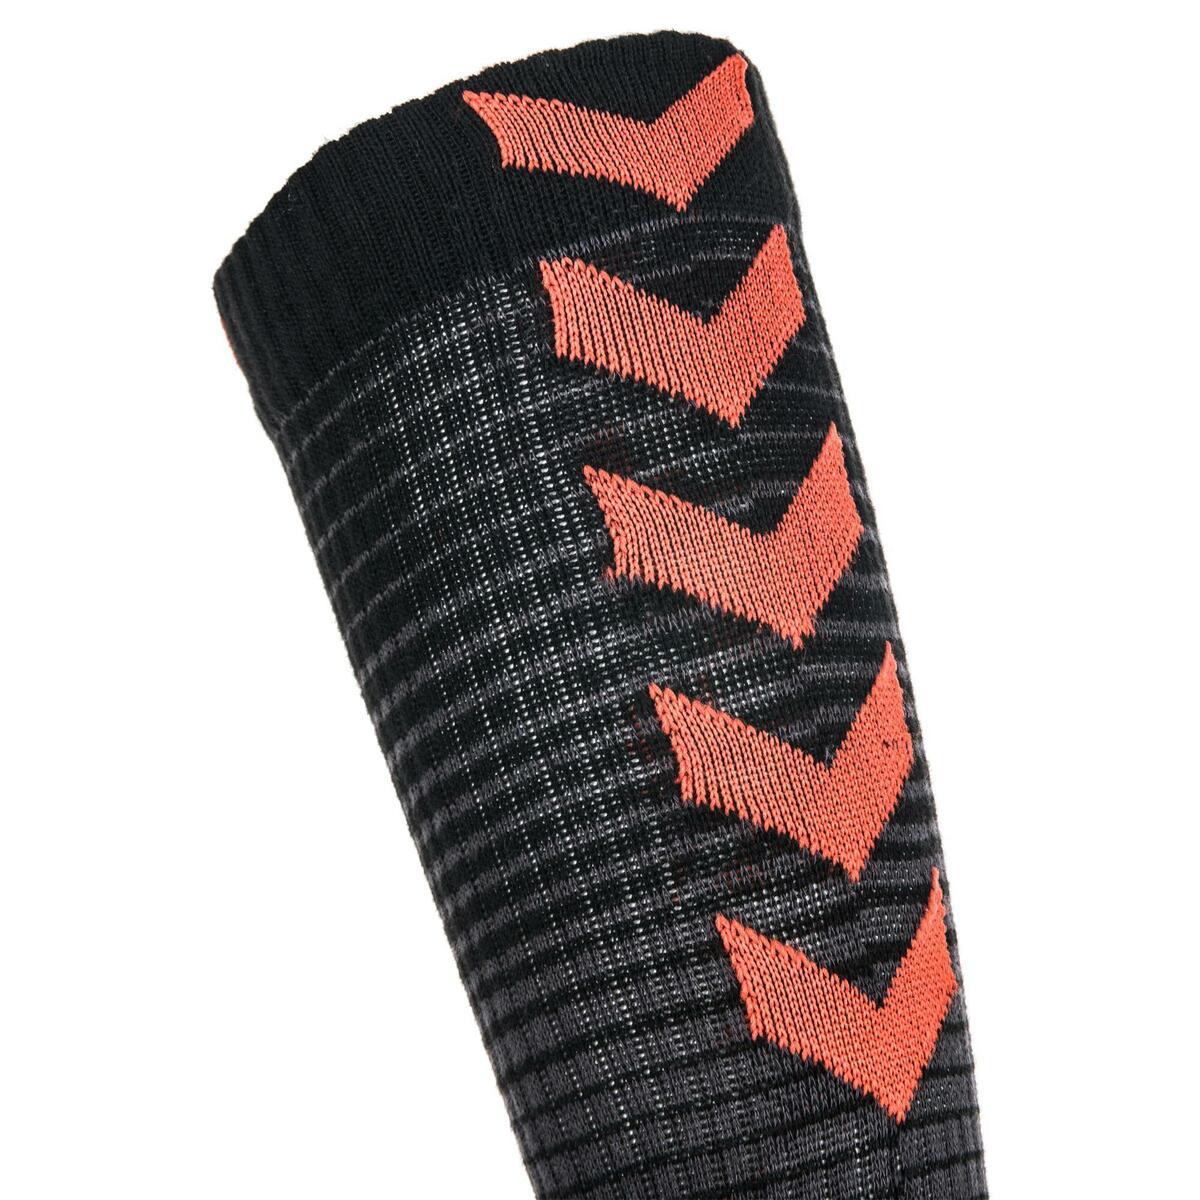 Bild 5 von Handballsocken Mid Erwachsene schwarz/rot